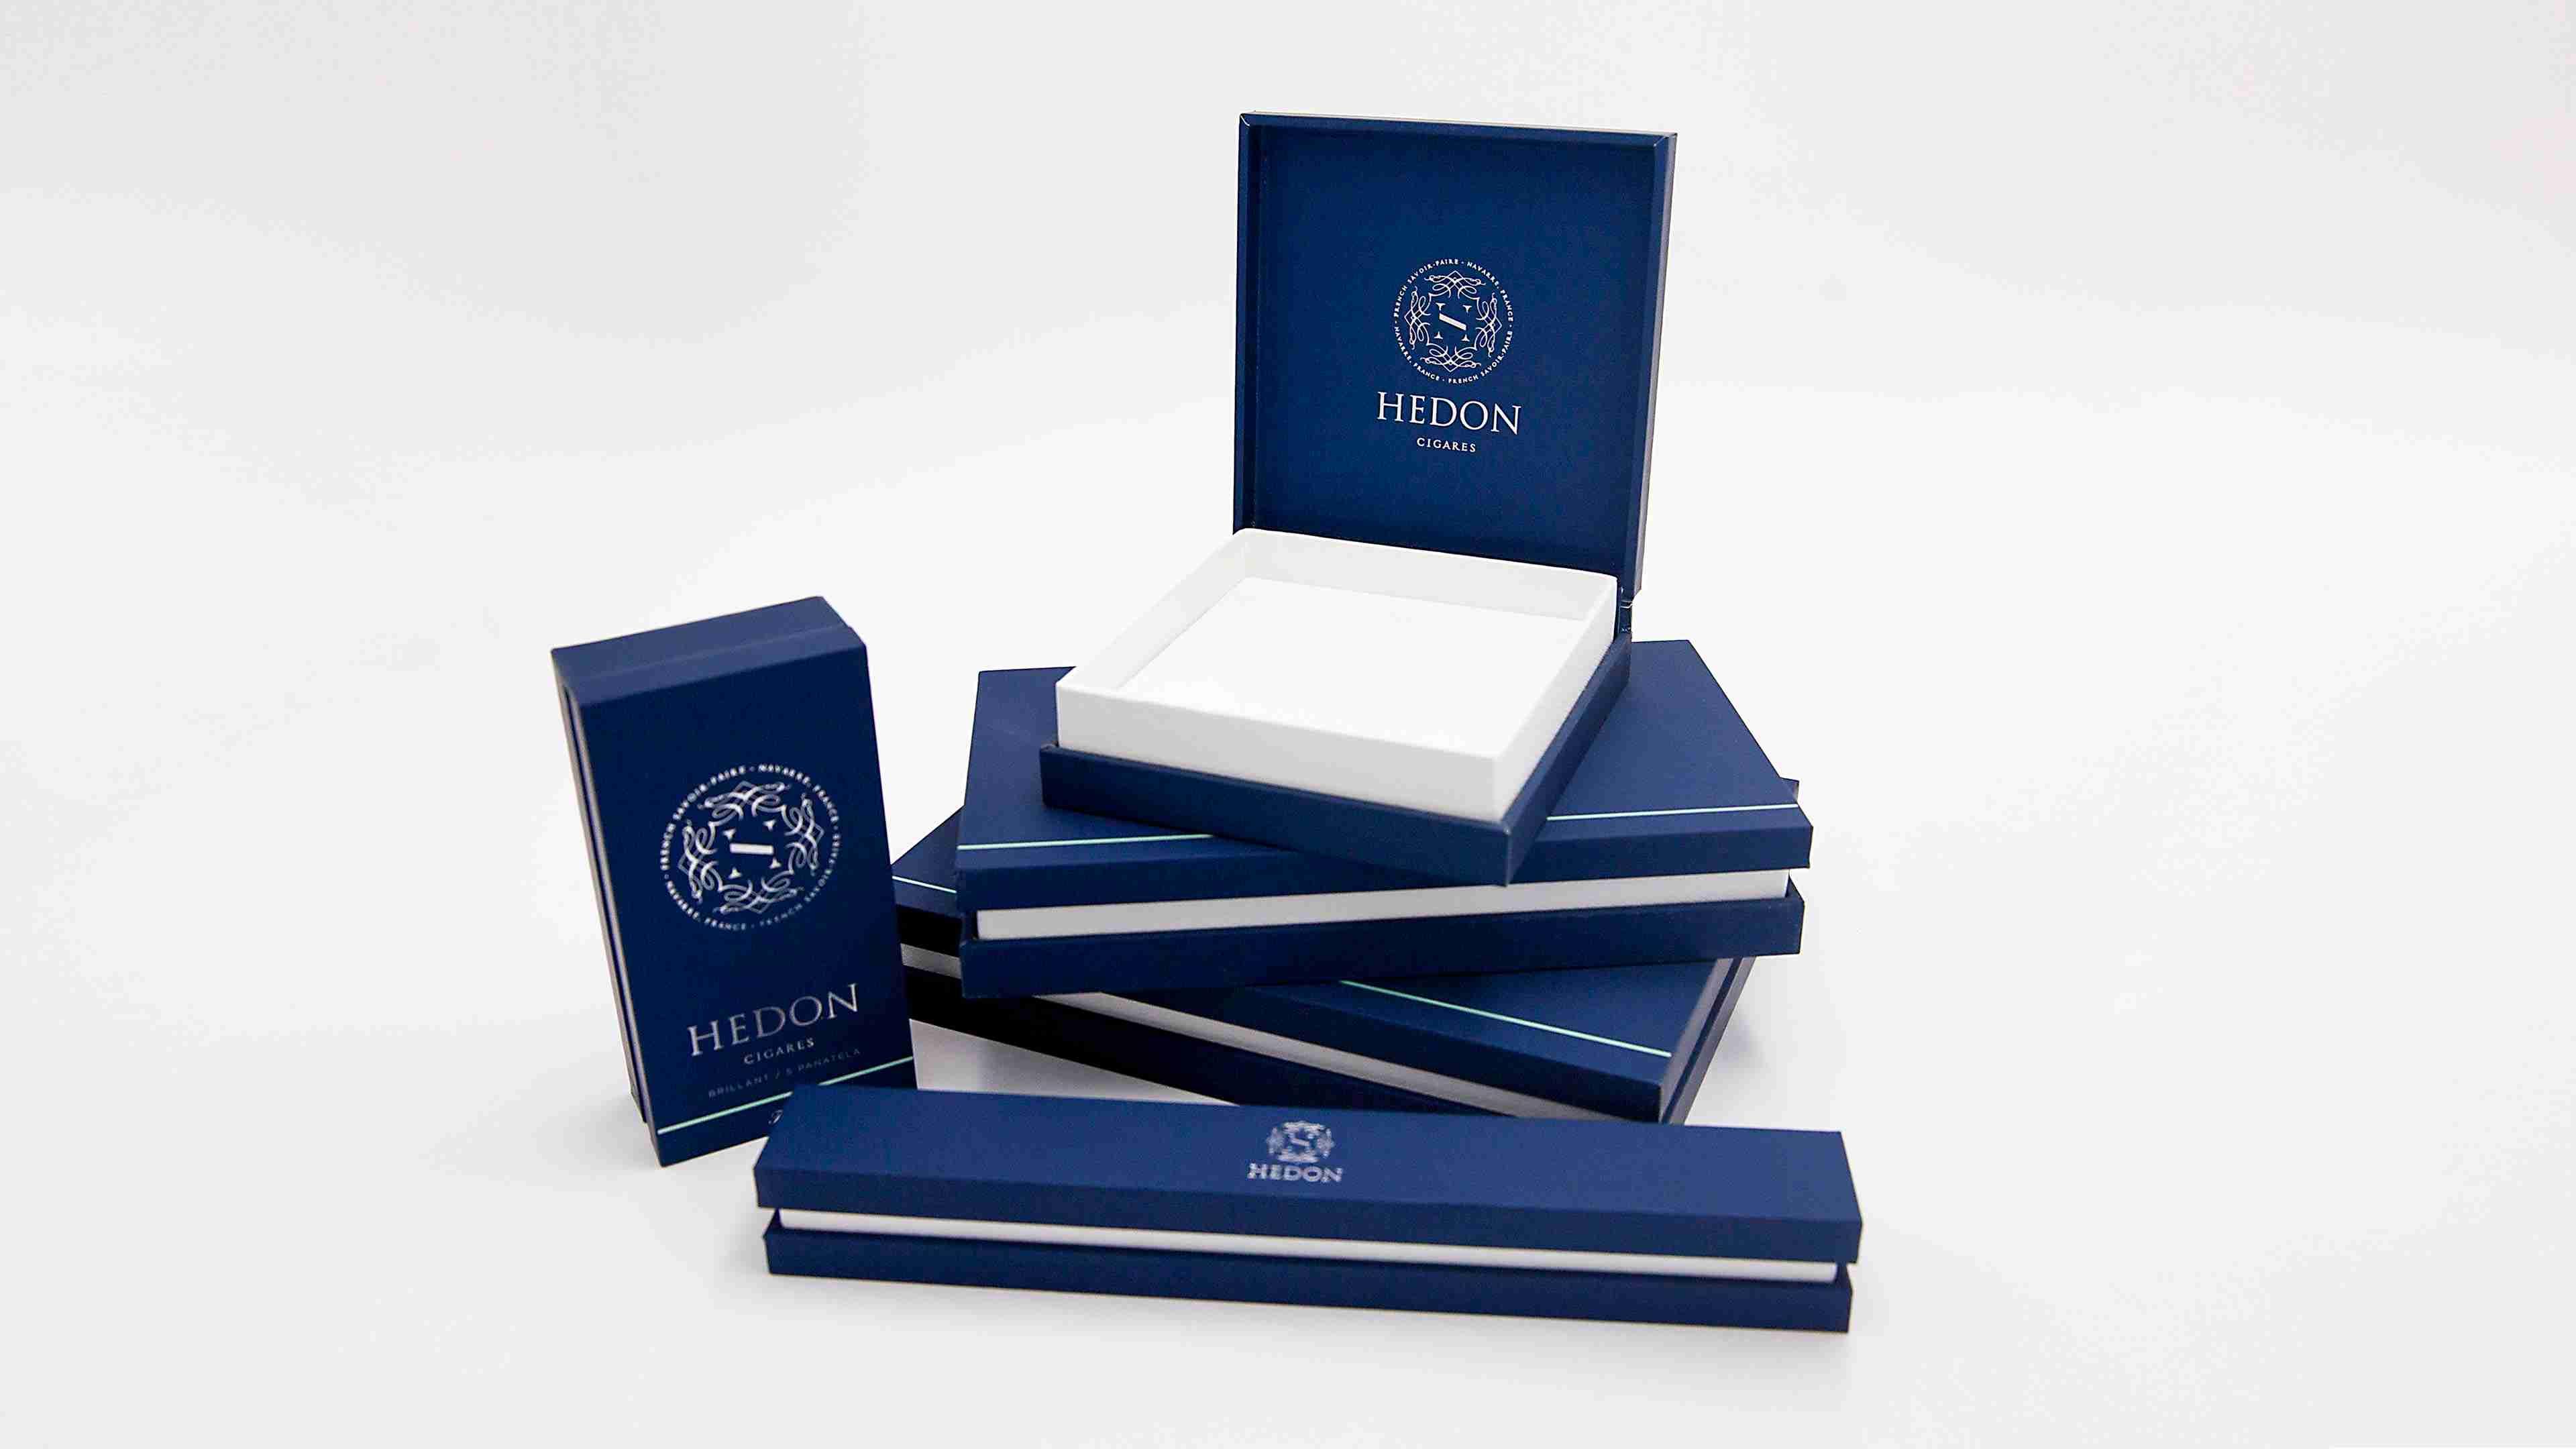 Hedon Cigar Boxes